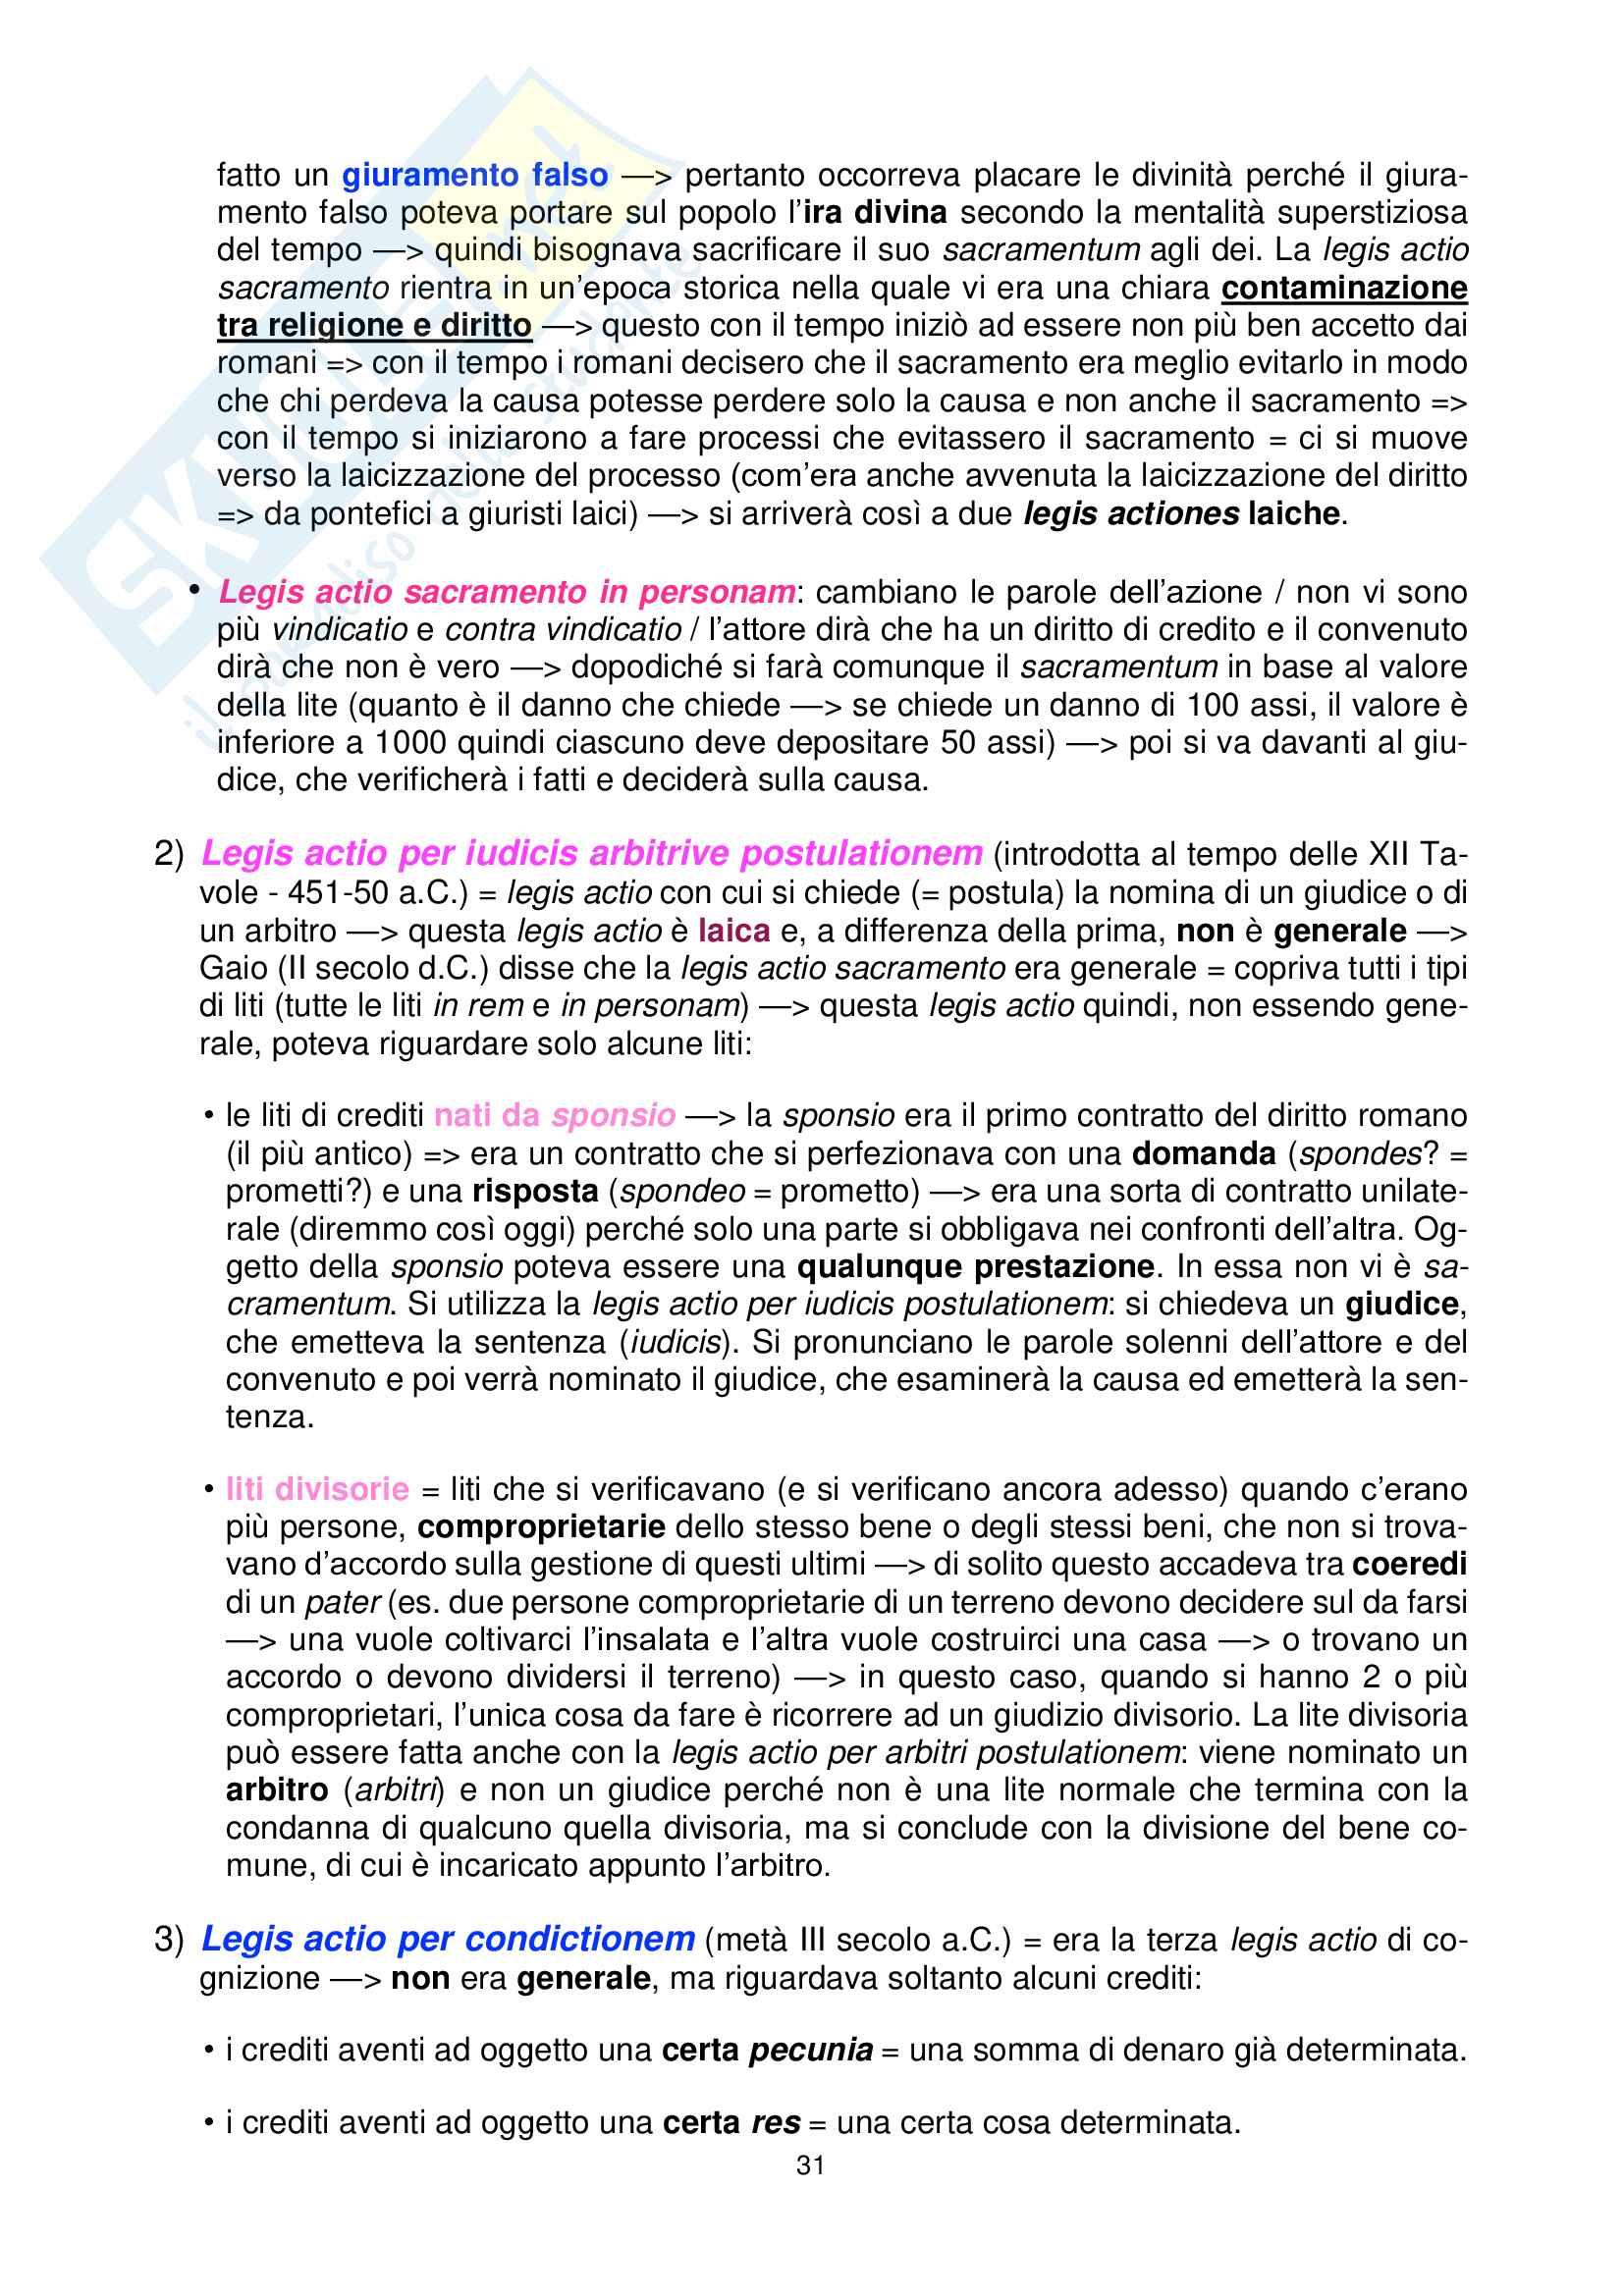 Diritto romano Pag. 31